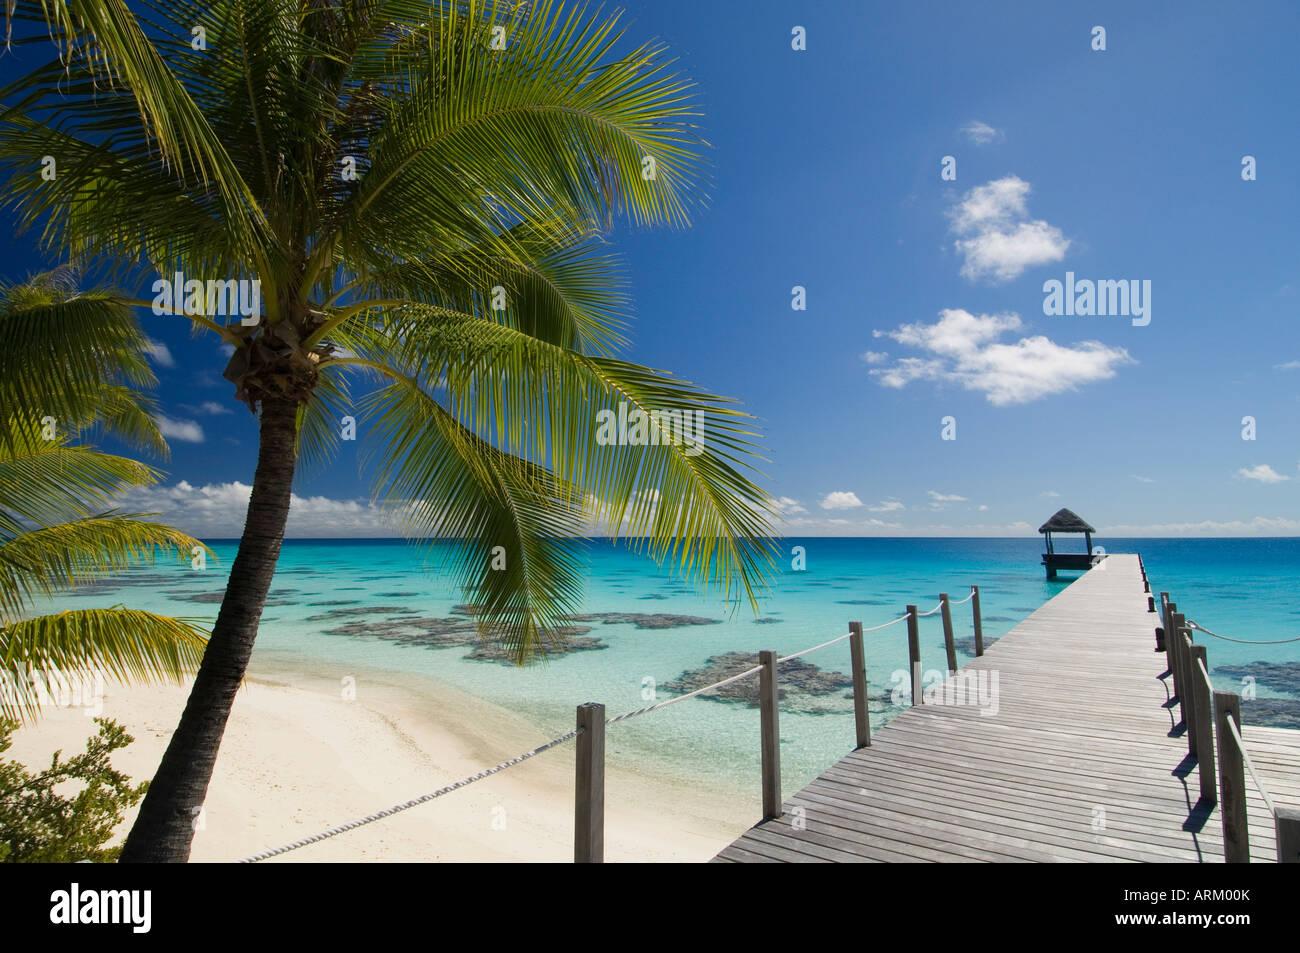 Le Maitai Dream Hotel, Fakarawa, Arcipelago Tuamotu, Polinesia francese, Isole del Pacifico e del Pacifico Immagini Stock